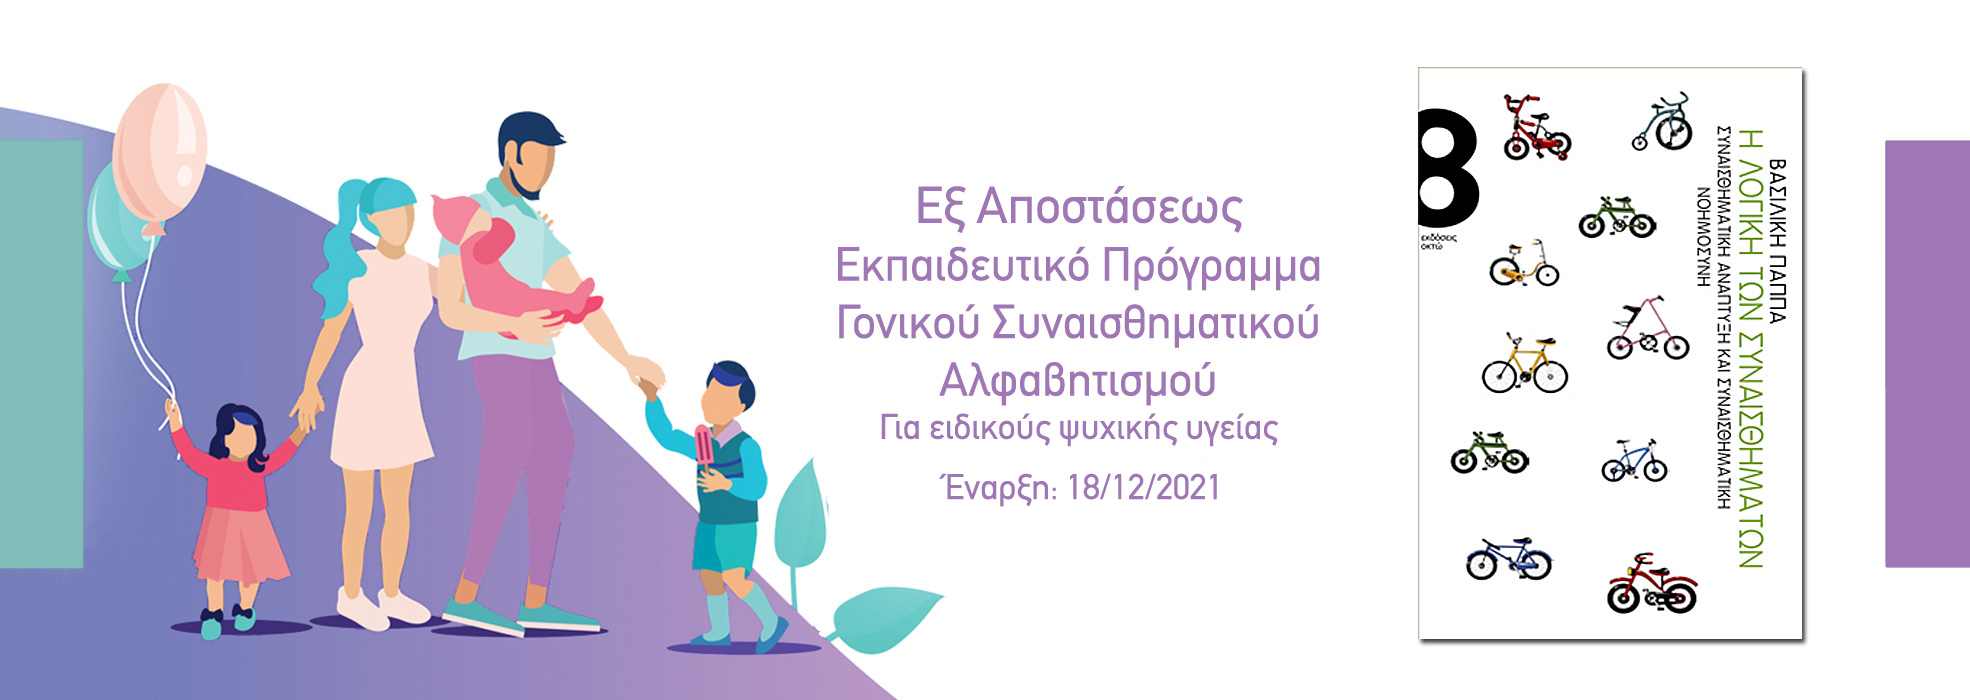 Εκπαιδευτικό Πρόγραμμα Γονικού Συναισθηματικού Αλφαβητισμού